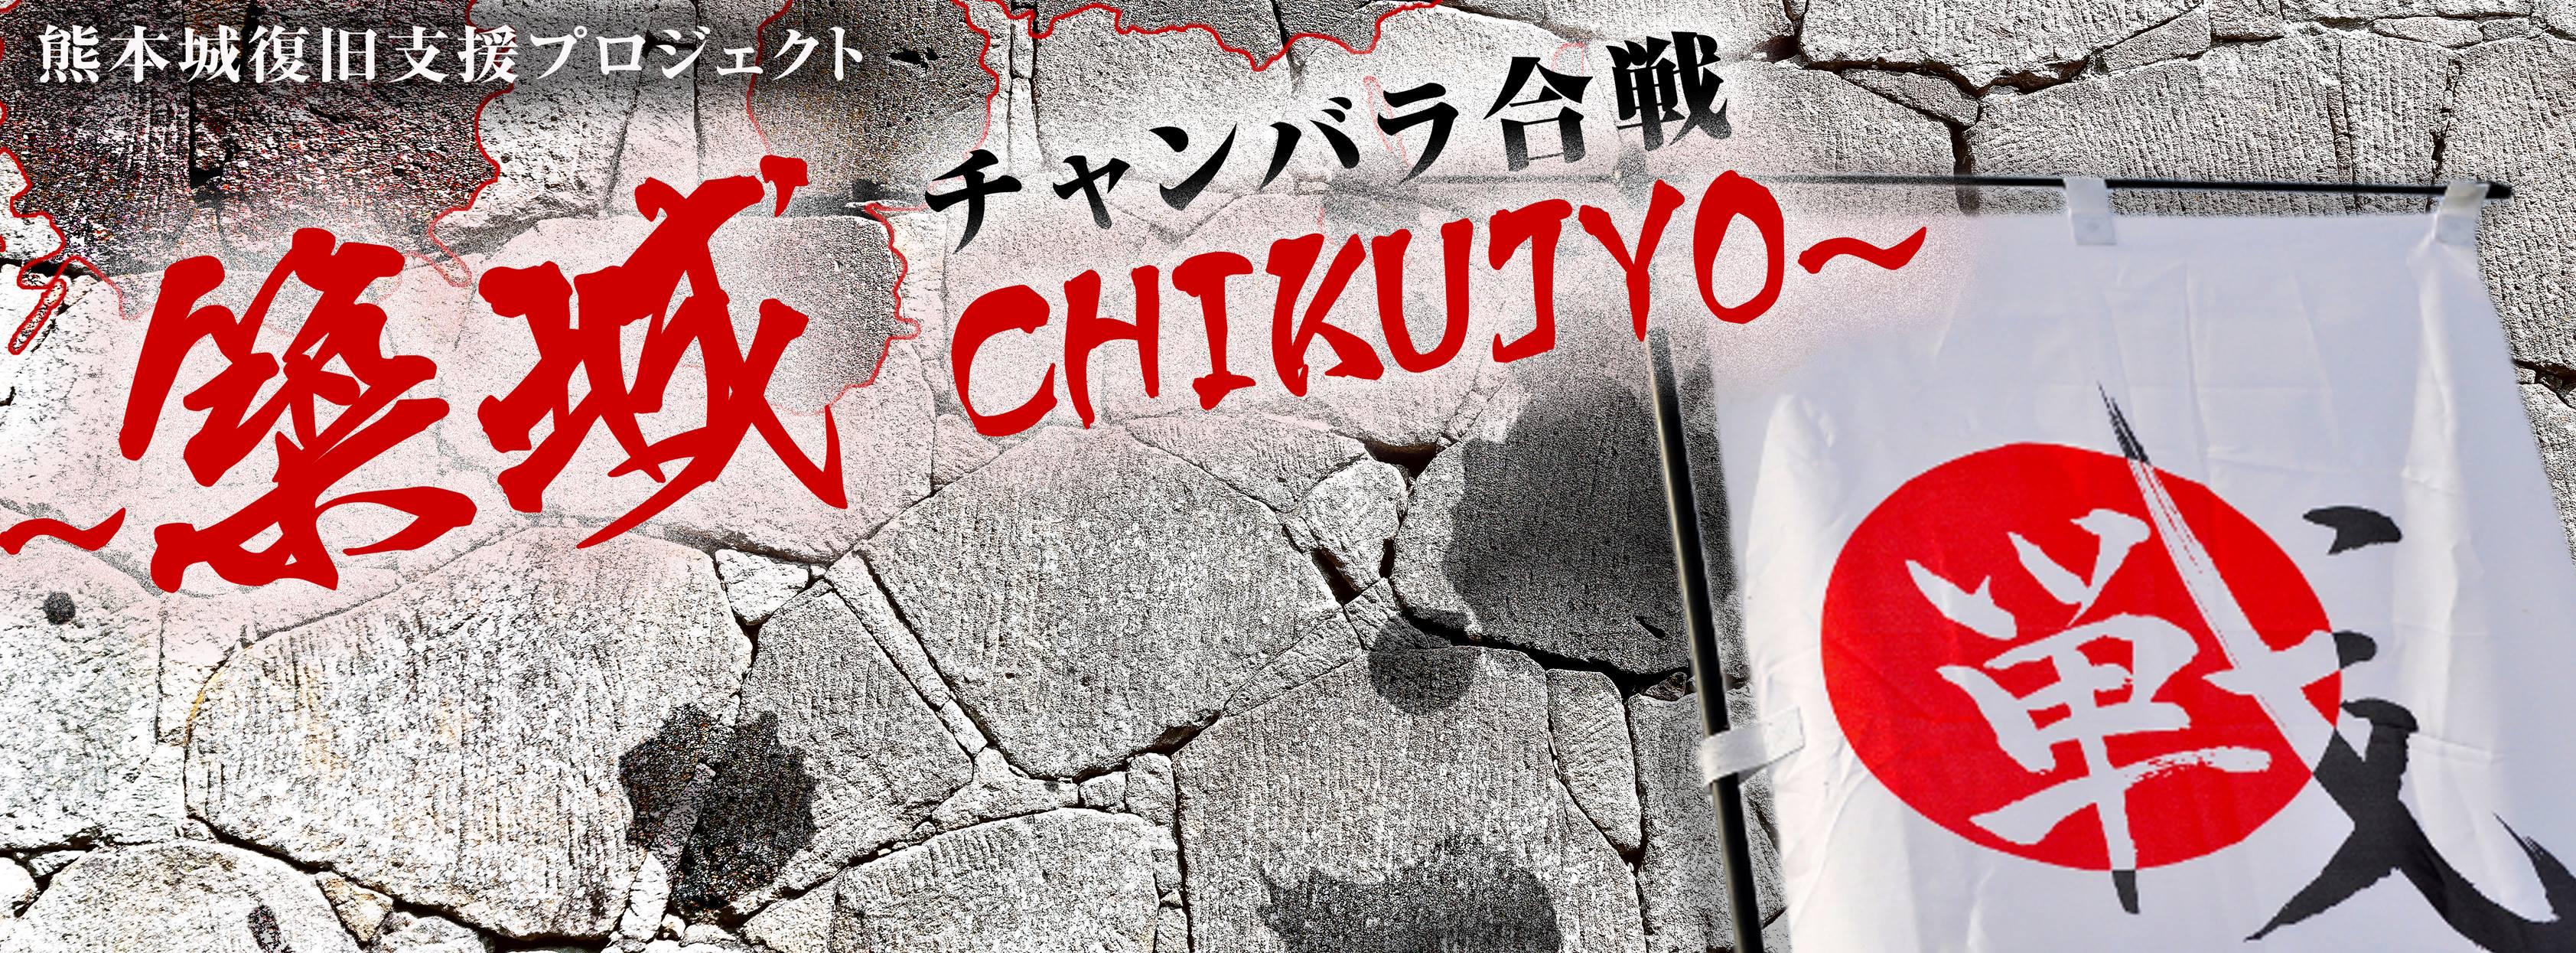 チャンバラ合戦 -築城CHIKUJYO- in 大阪